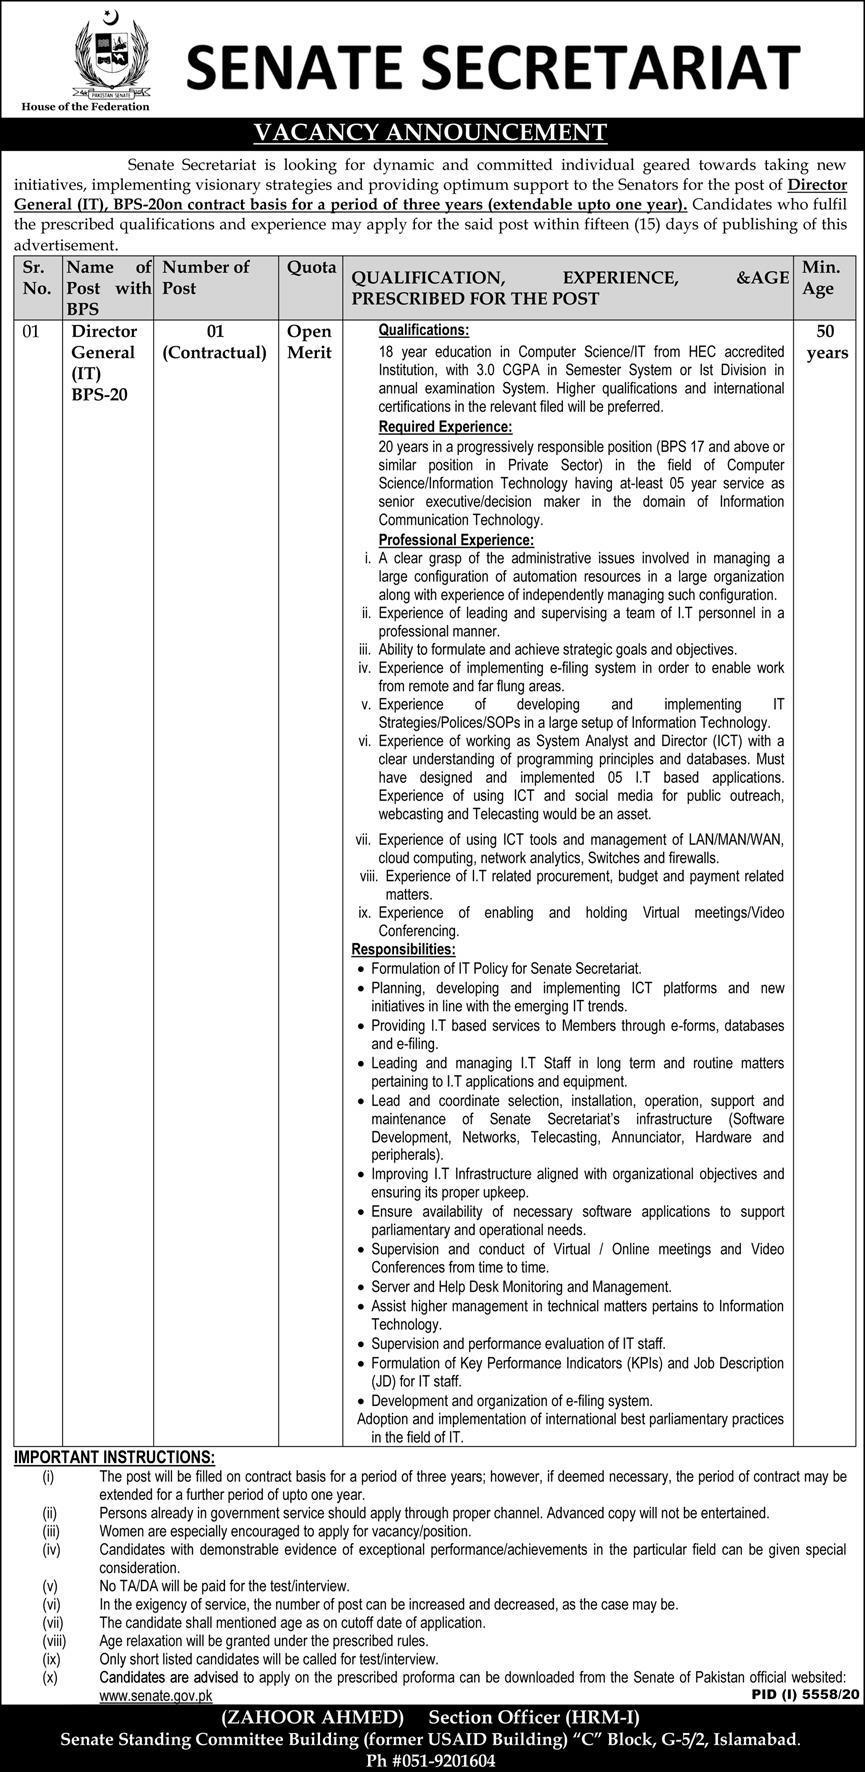 Jobs in Senate Secretariat For Director General IT in Islamabad 2021